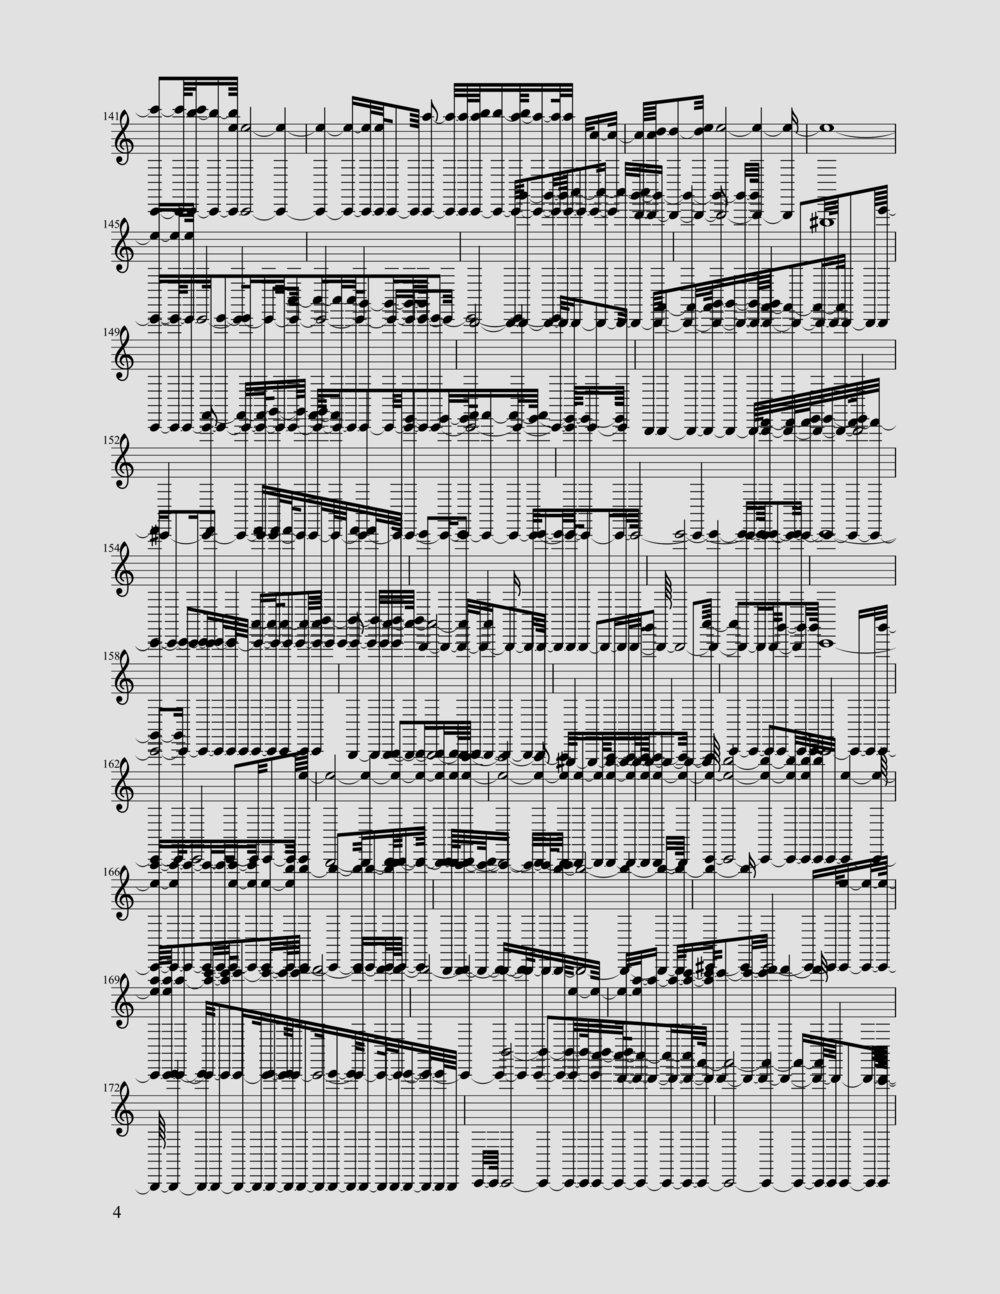 garden-sheet-music-4_2550.jpg